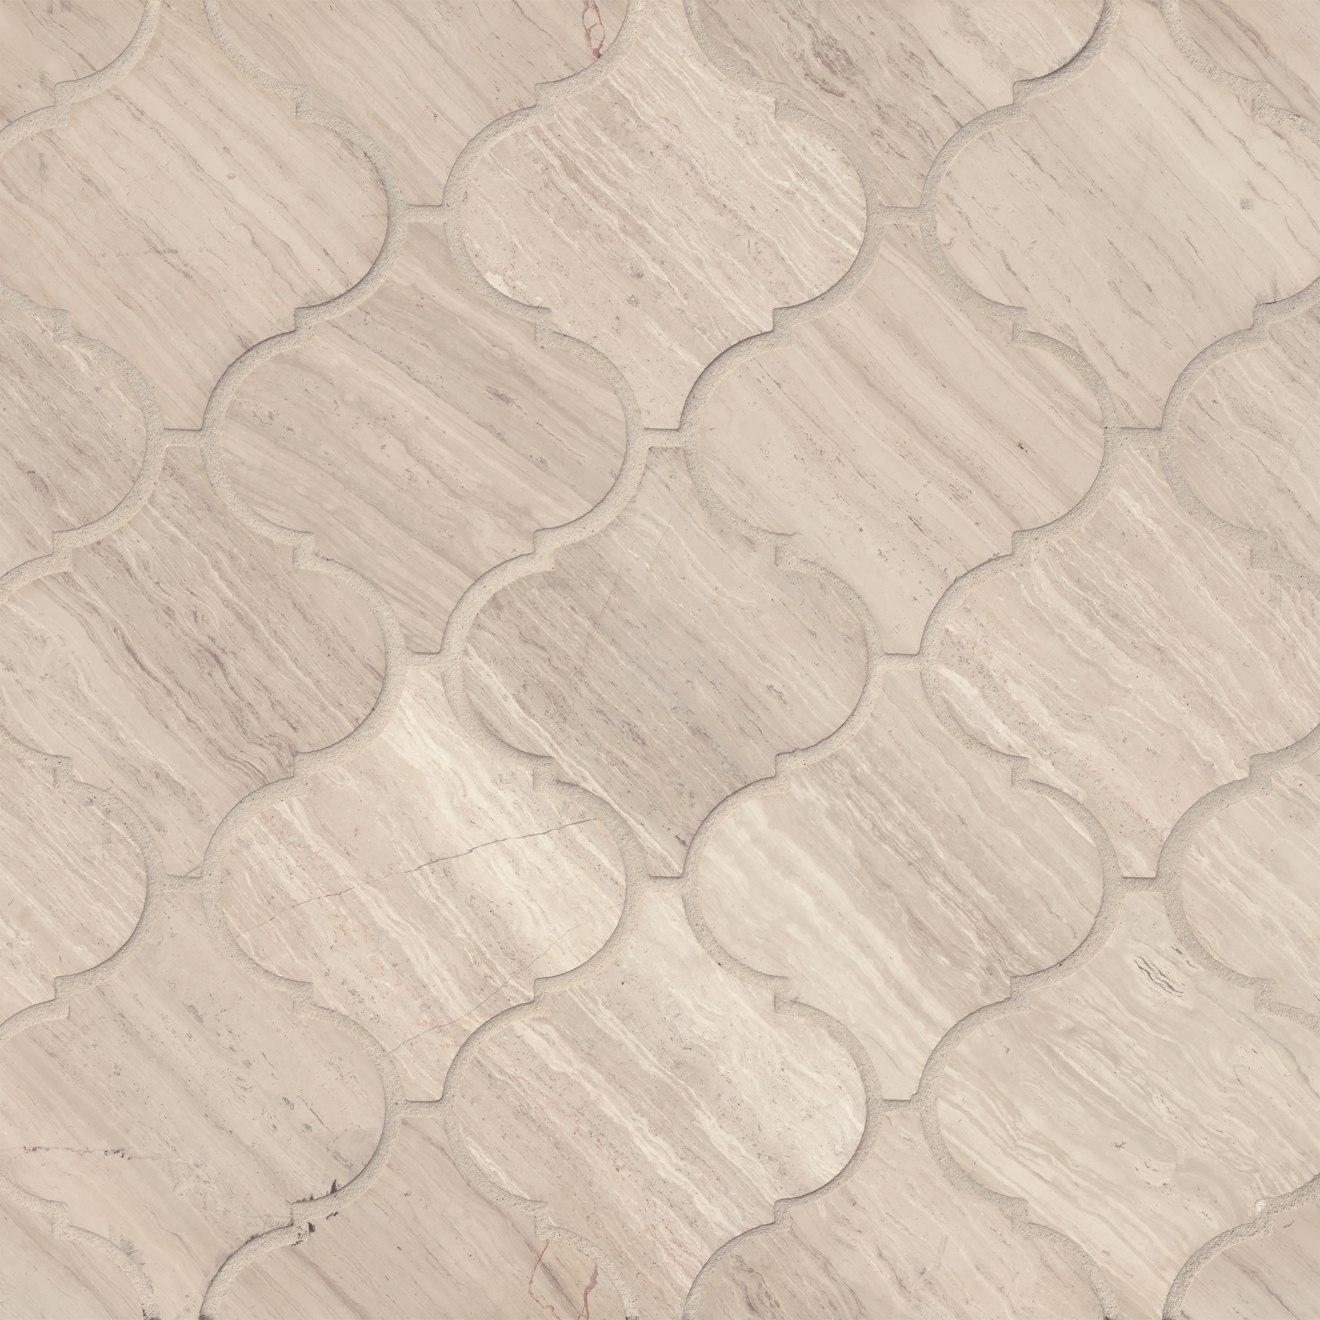 Ashen Grey Floor & Wall Mosaic